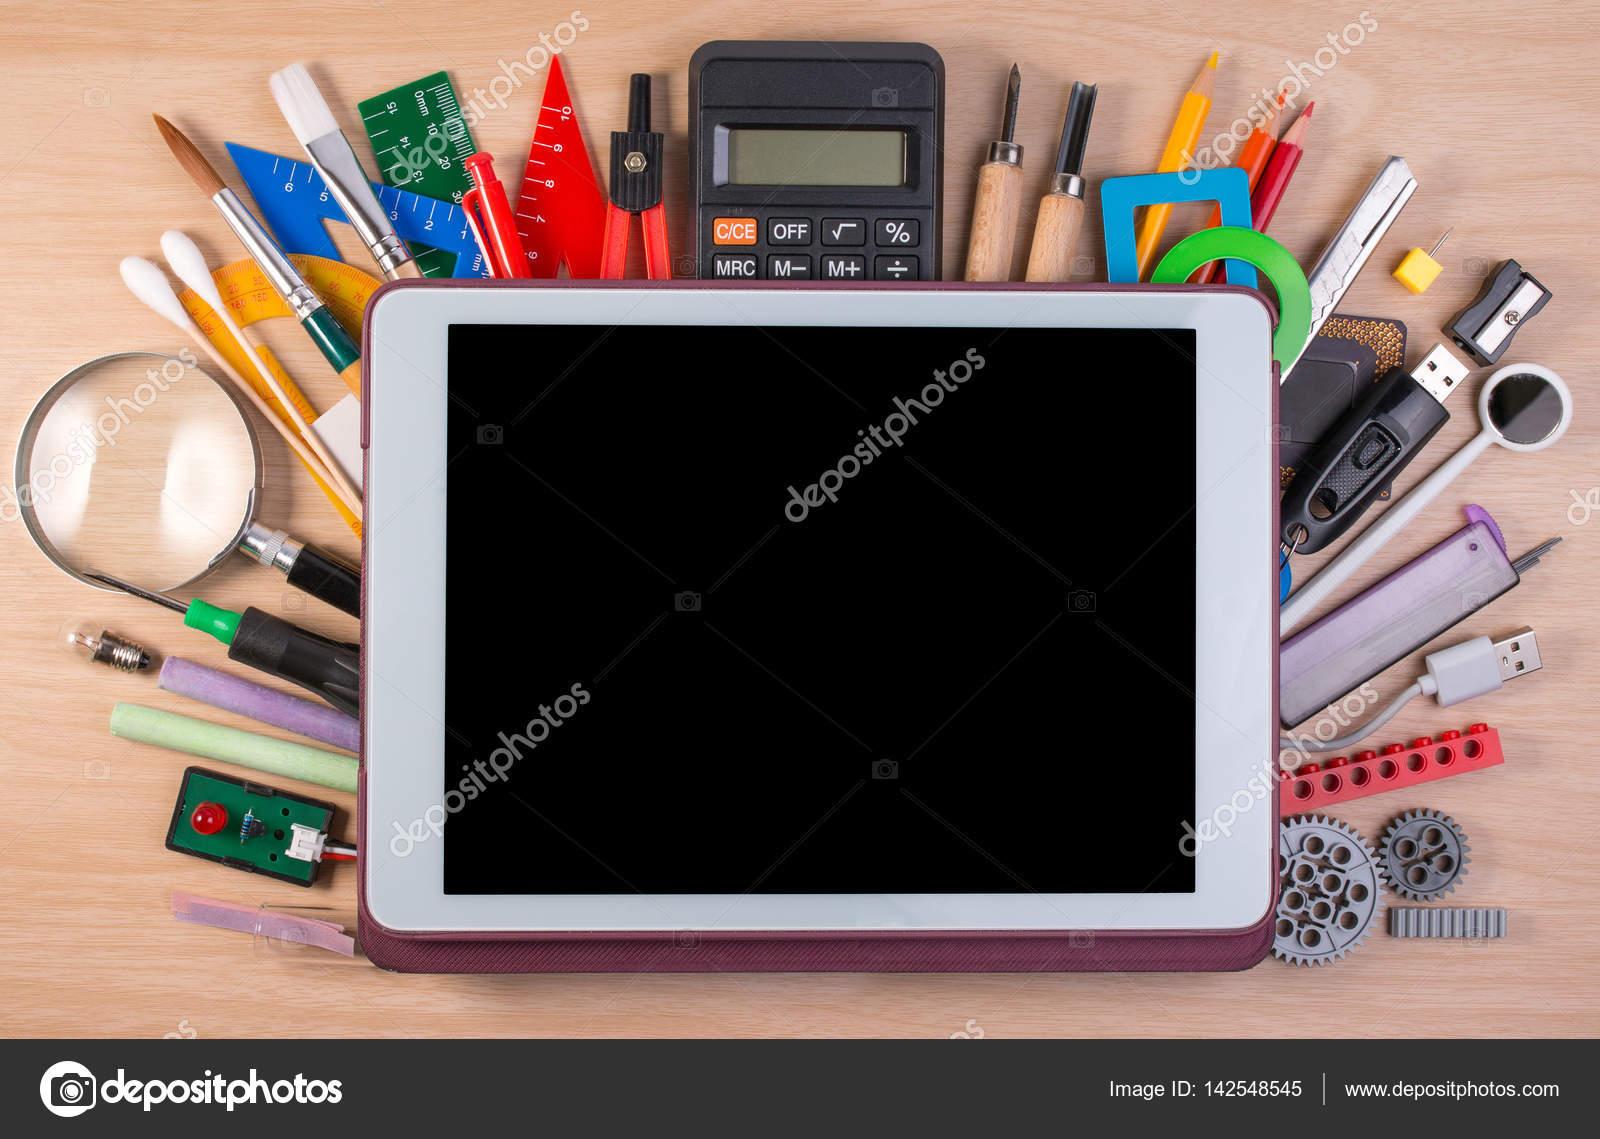 Tablet pc sopra materiale scolastico o forniture per - Tavola grafica per pc ...